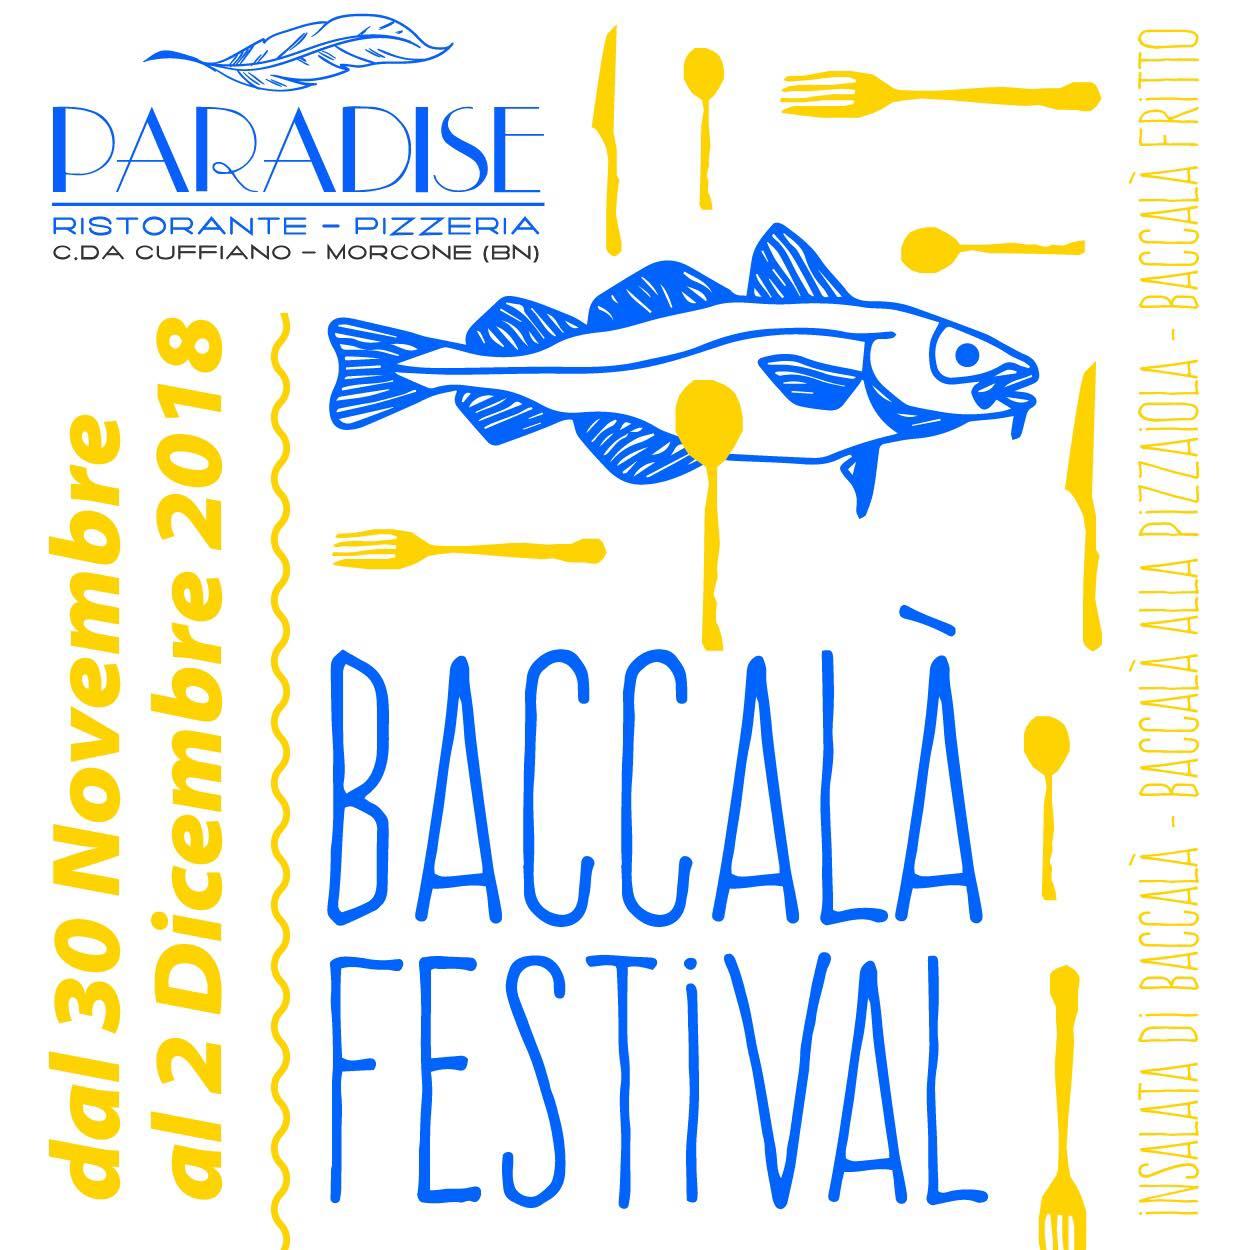 Paradise Baccalà Festival